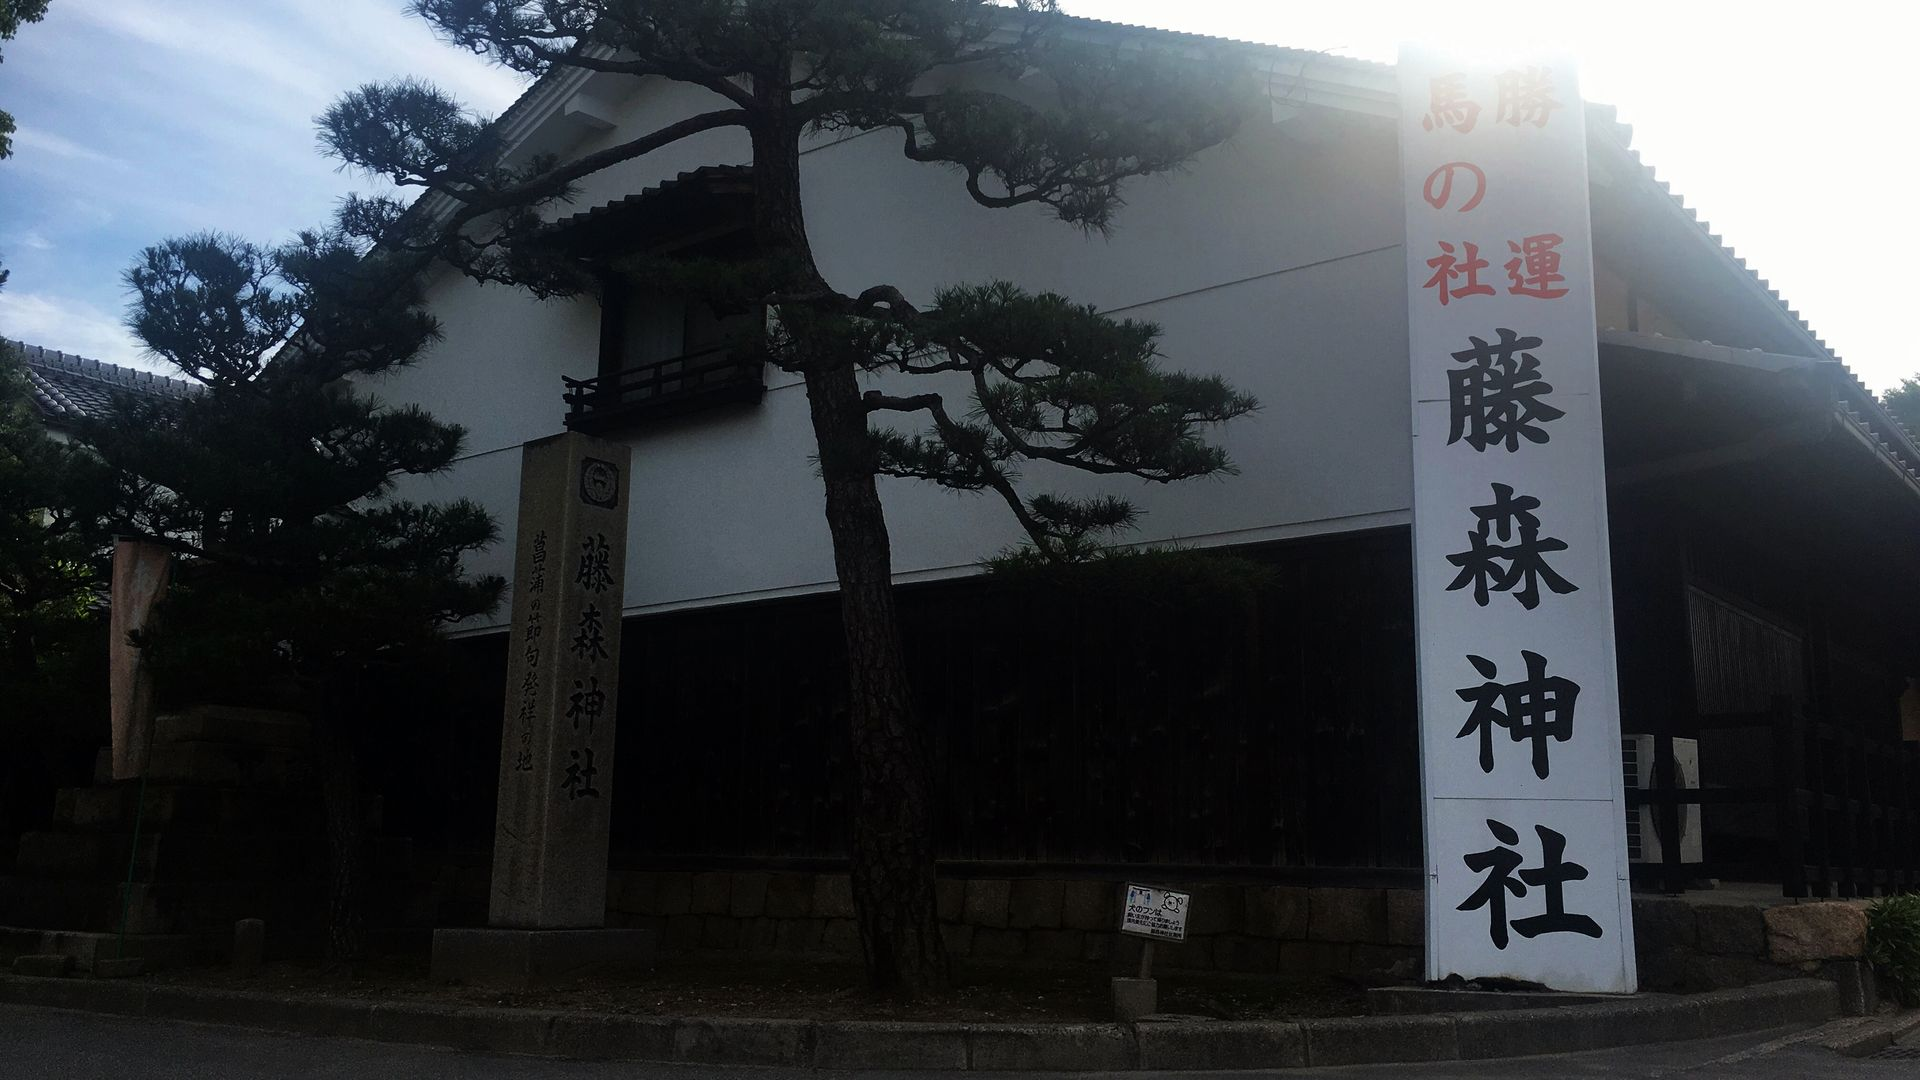 藤森神社-入り口の看板